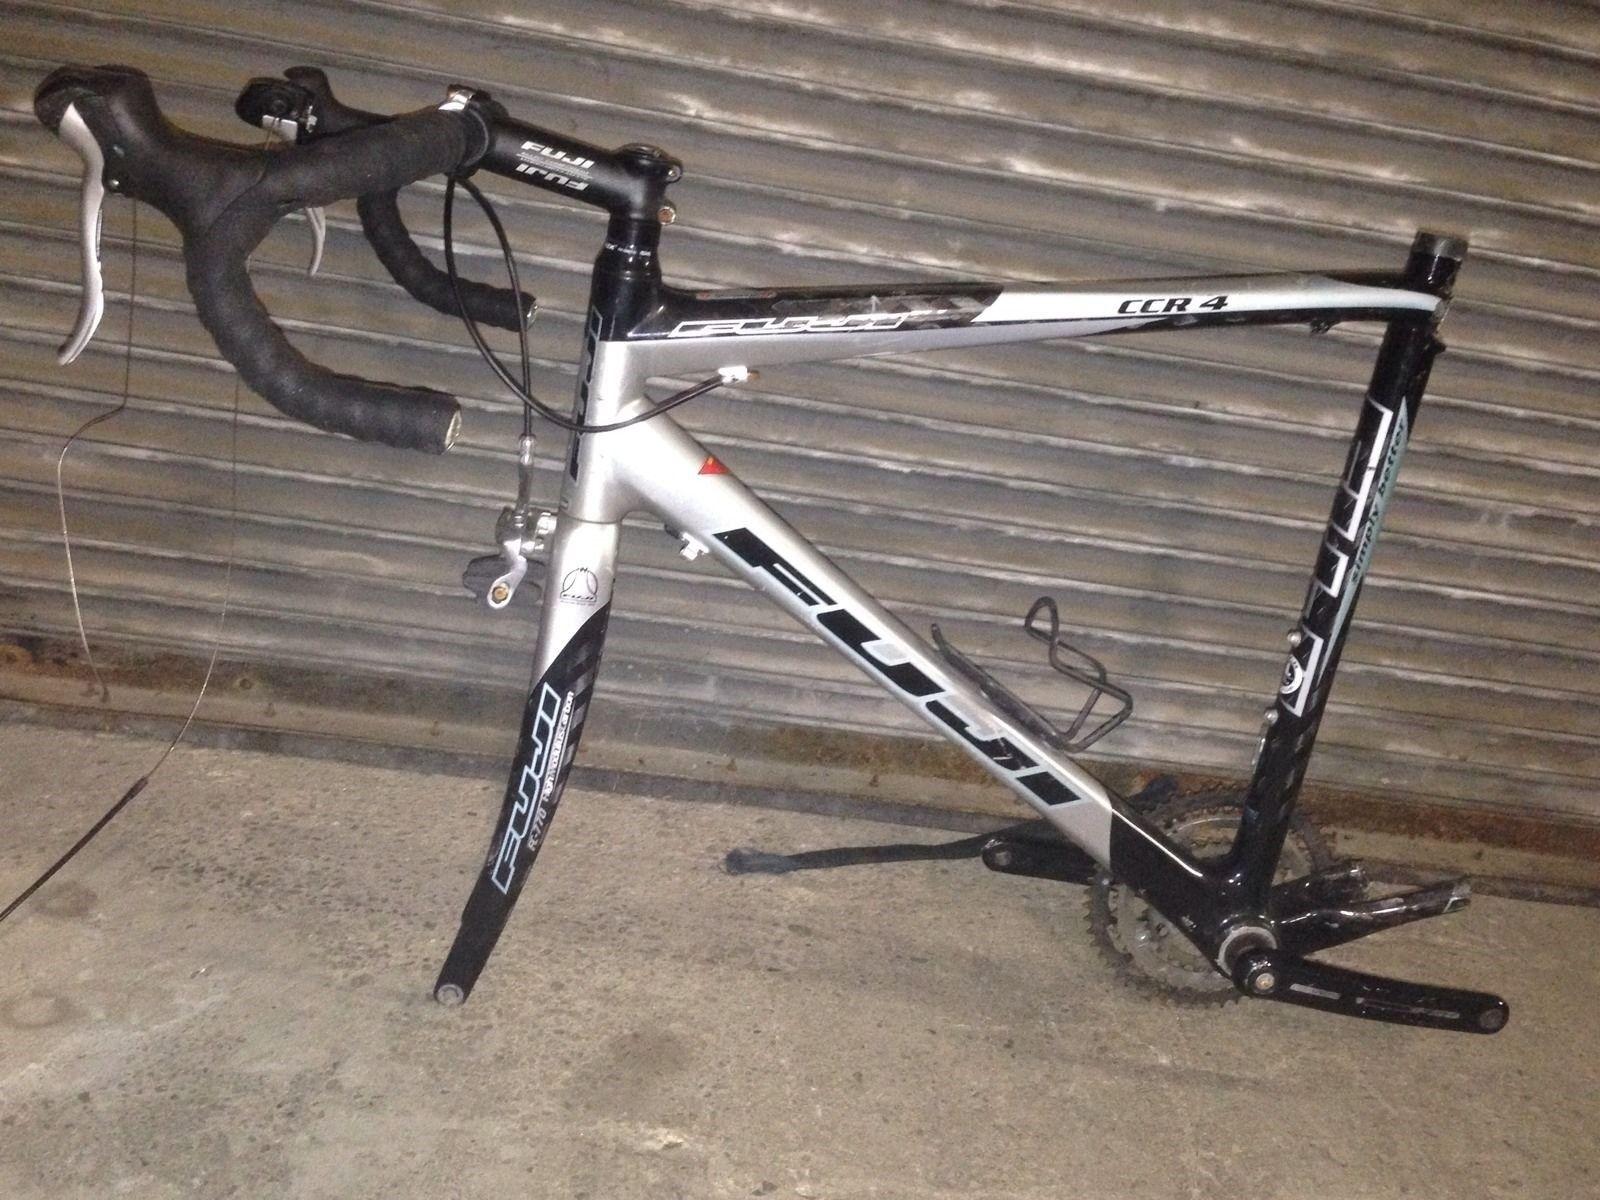 Fuji CCR 4 Carbon Fiber FC-770 Cane Creek Vero FSA Shimono Sora Bicycle Bike